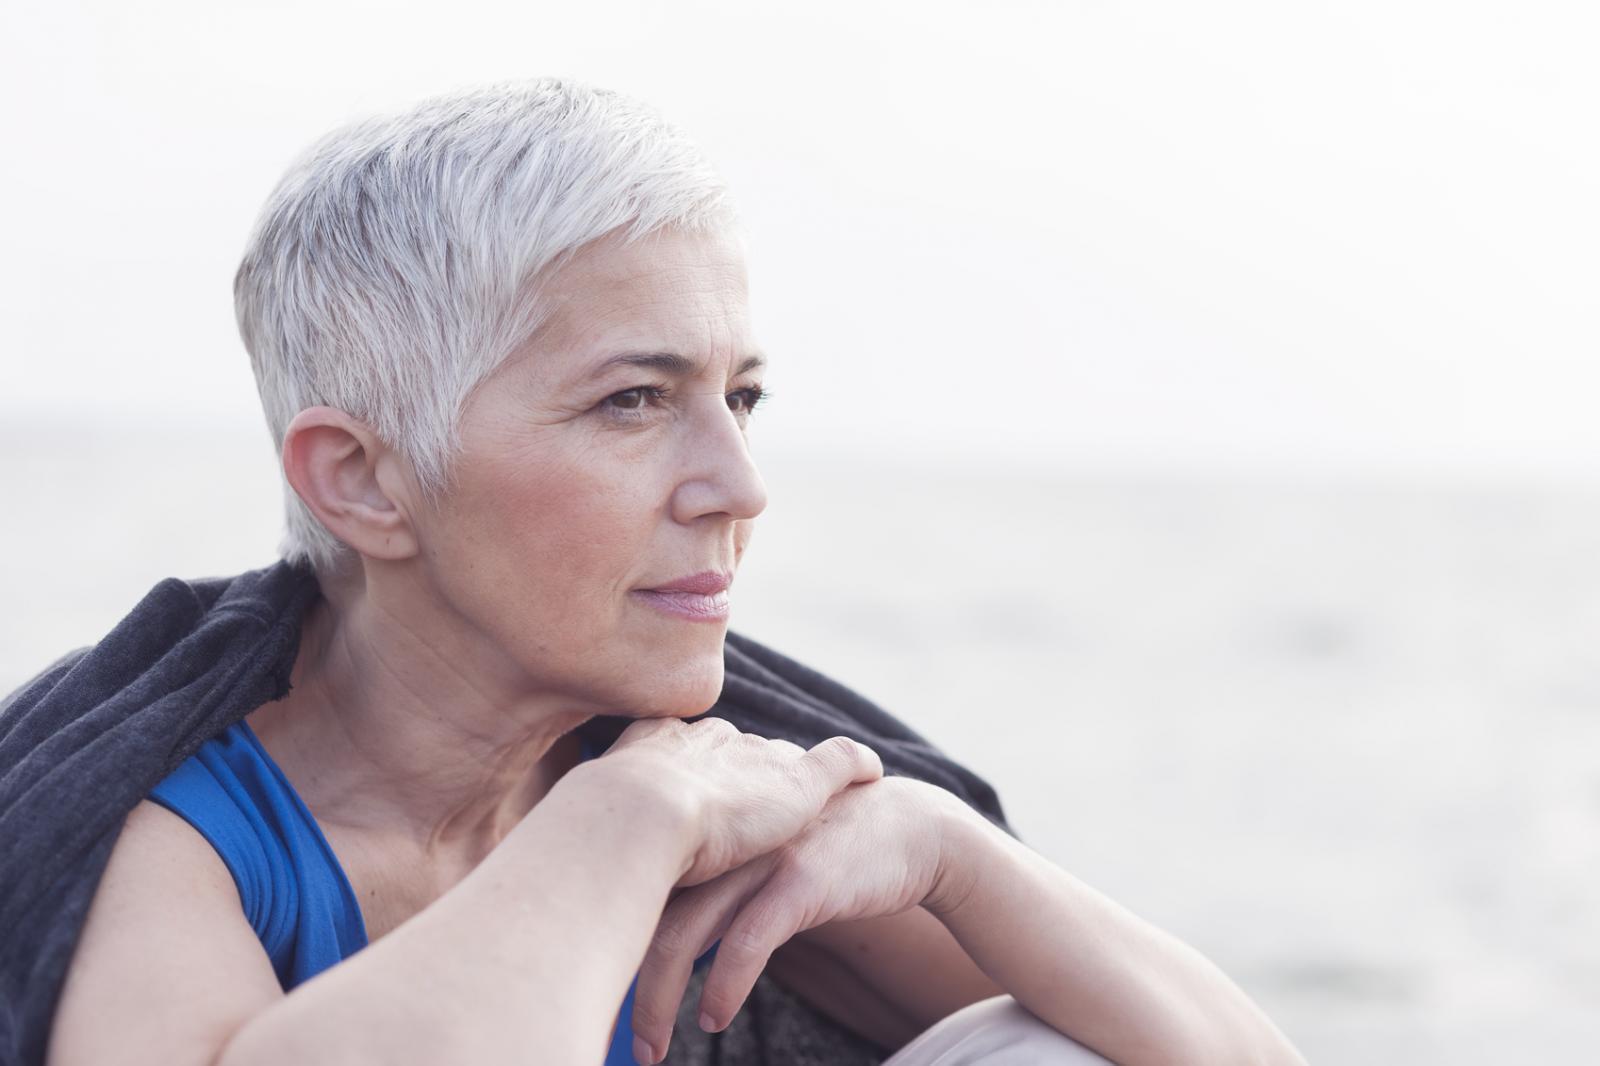 Većina žena se suočava s više ili manje izraženim simptomima klimakterija.